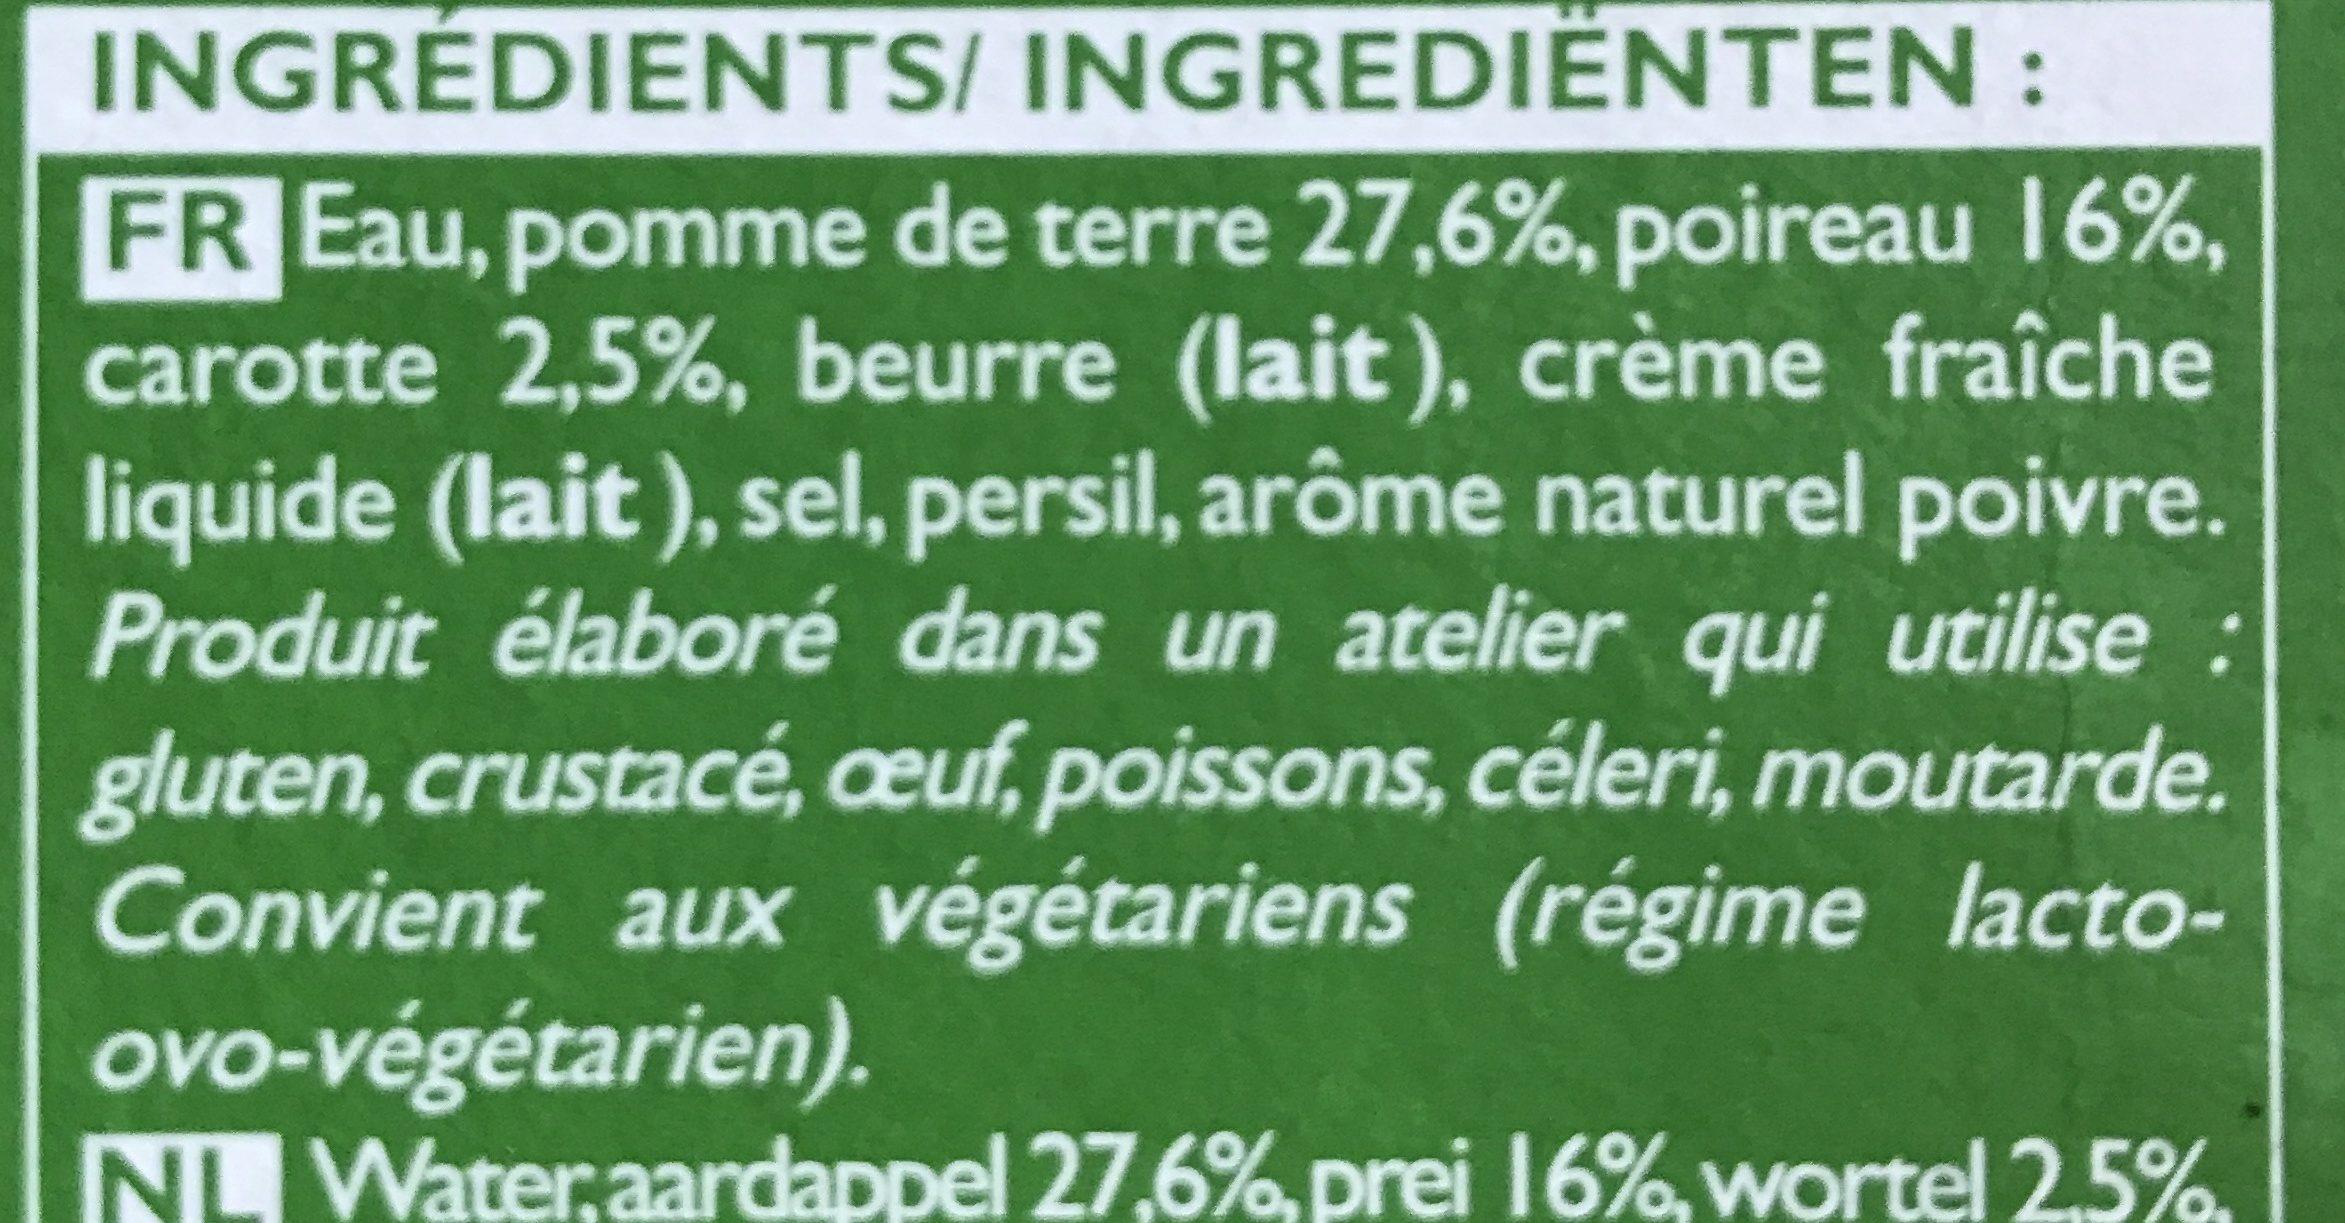 So Soupe - Tellement soupe - Poireau, pomme de terre - Ingrediënten - fr